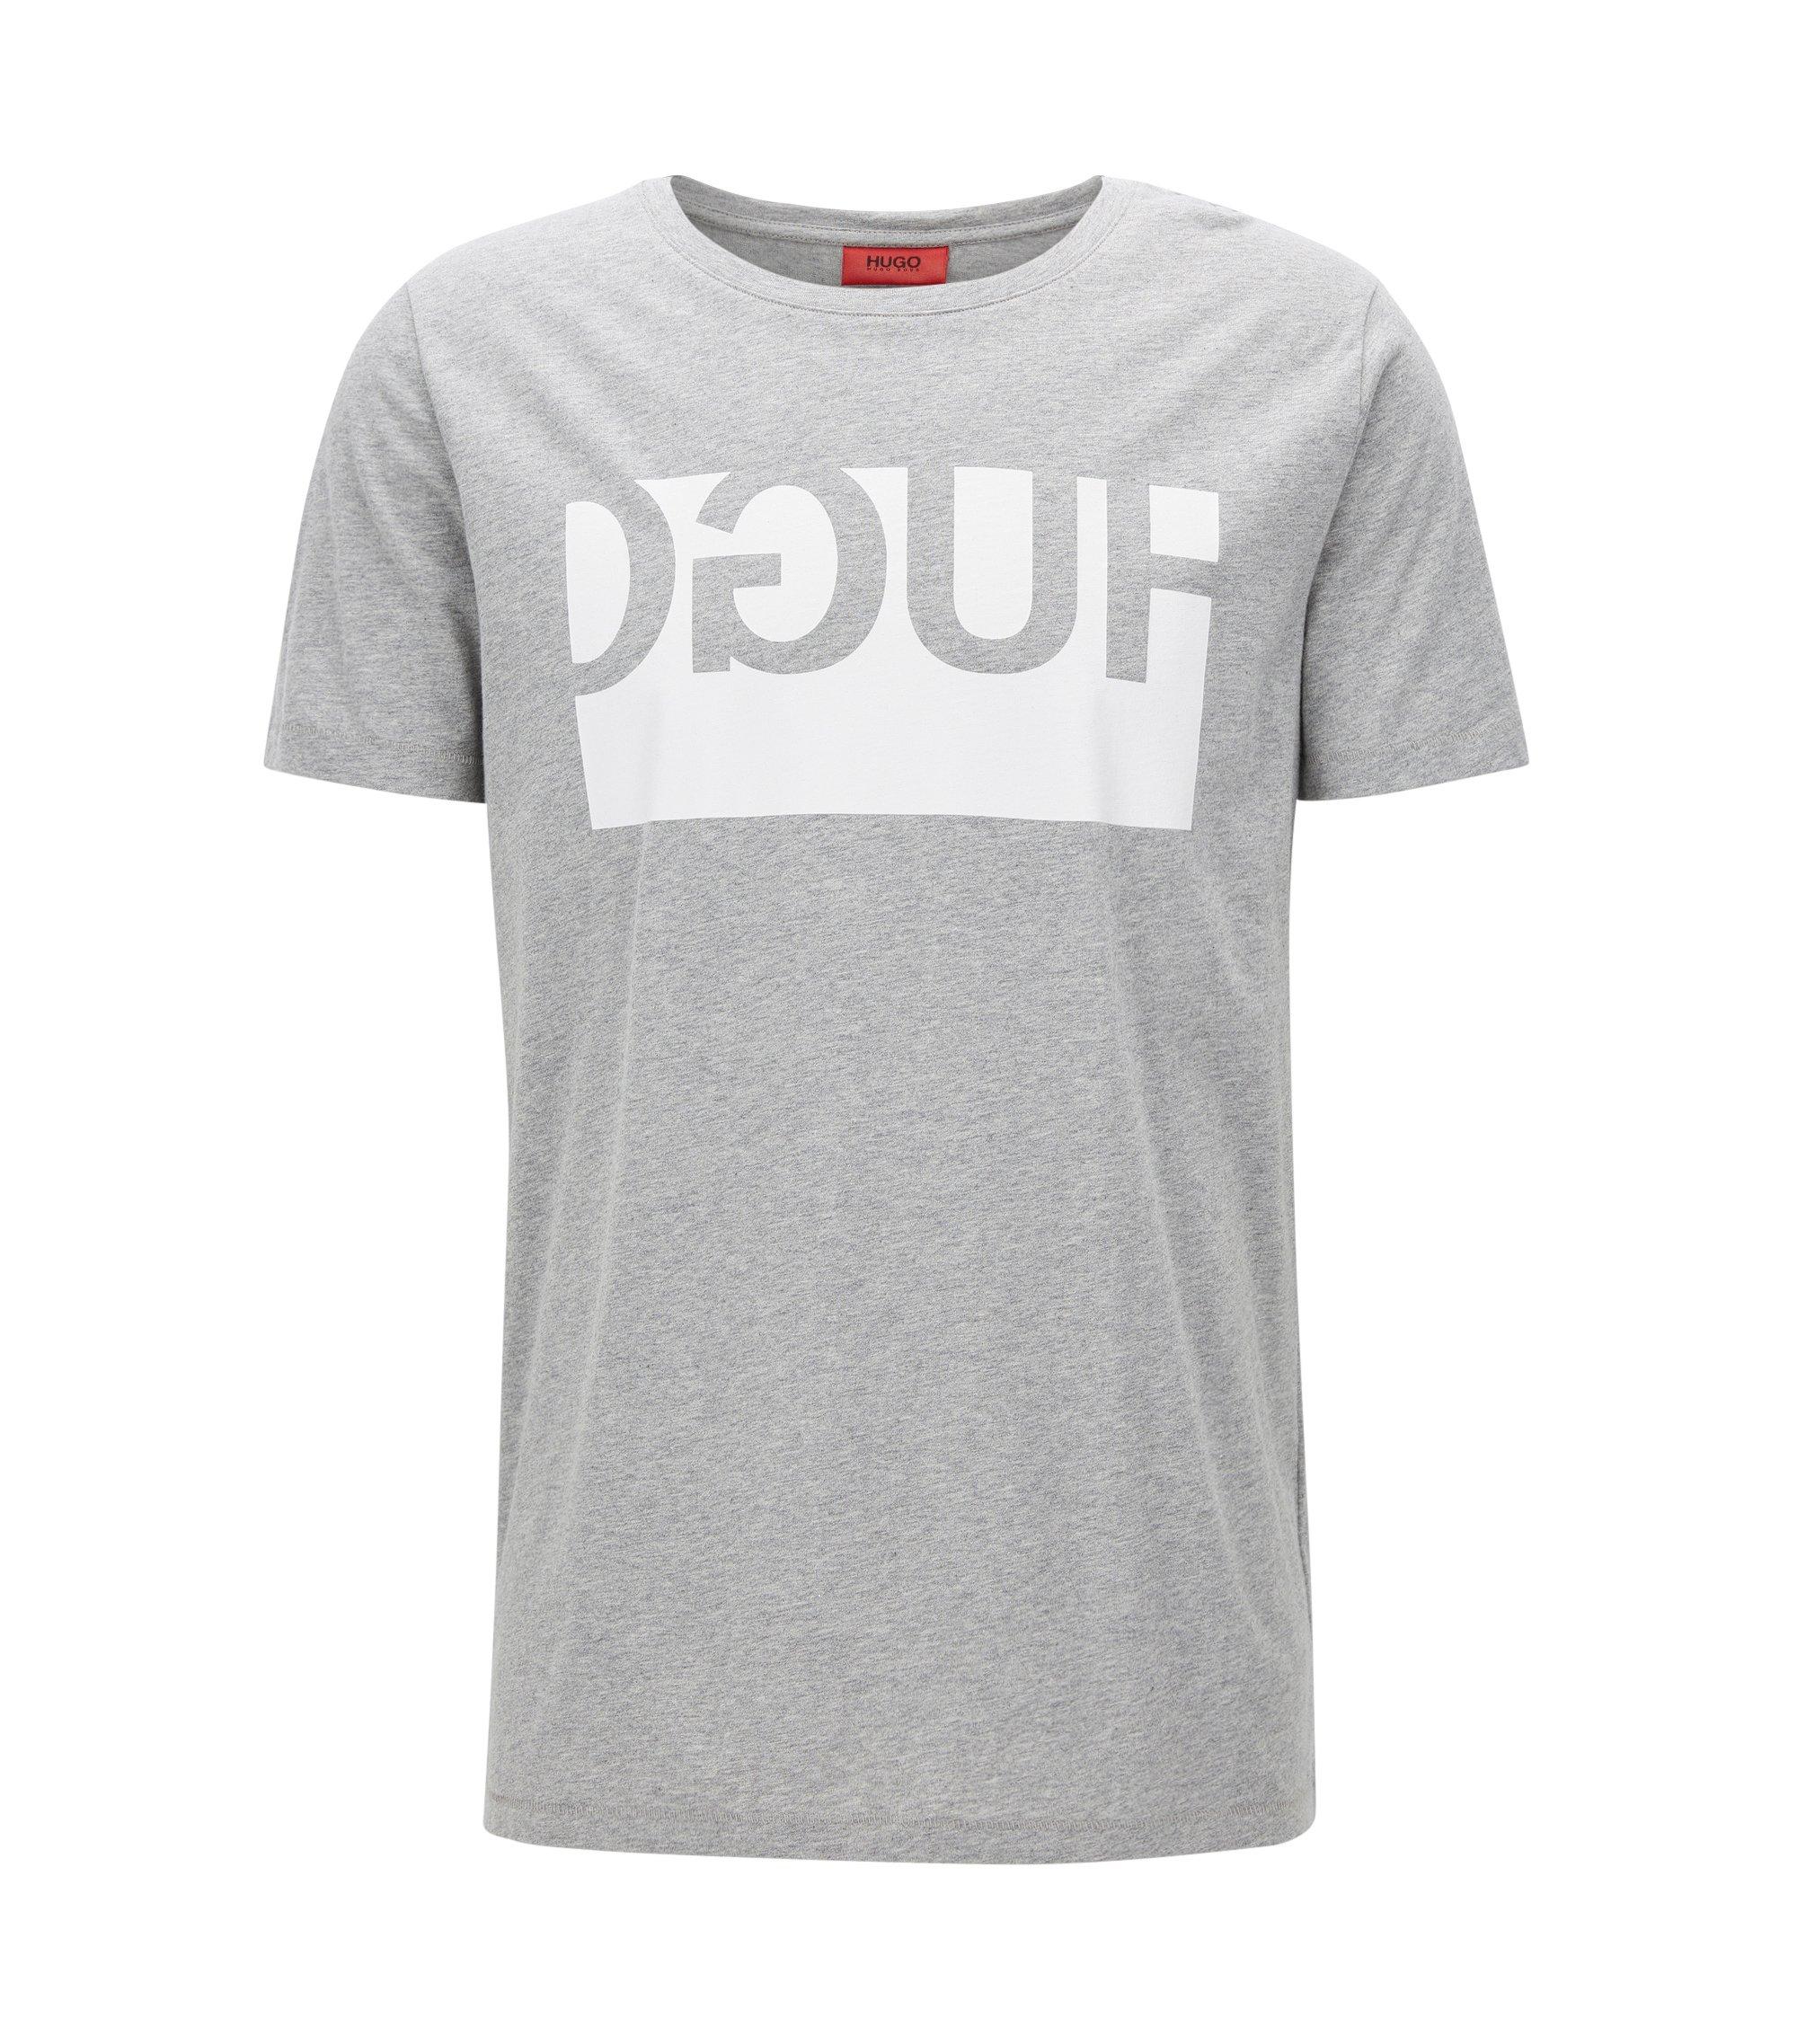 Camiseta regular fit exclusiva online, elaborada en algodón con logo invertido, Gris oscuro